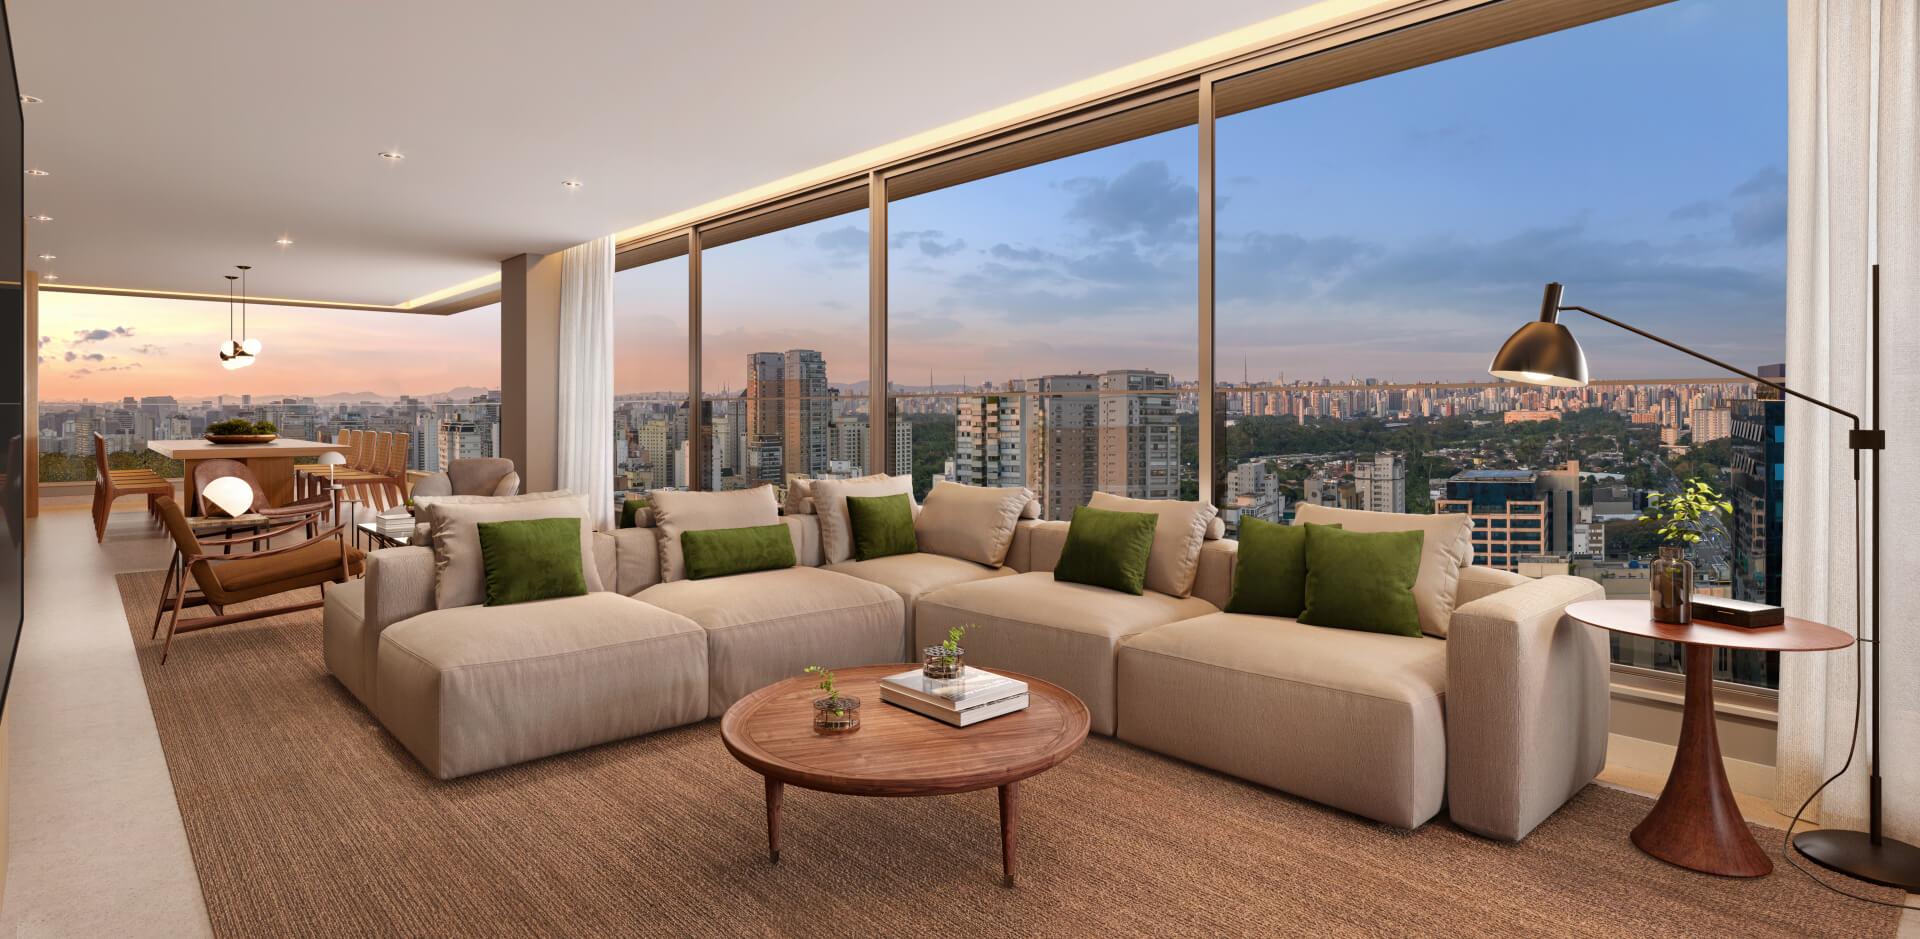 LIVING do apto de 197 m² com confortável área social, possibilitando um amplo espaço para receber convidados. Destaque para o terraço que contorna os ambientes sociais, que além de garantir boa iluminação, possibilita bela vista de Moema.